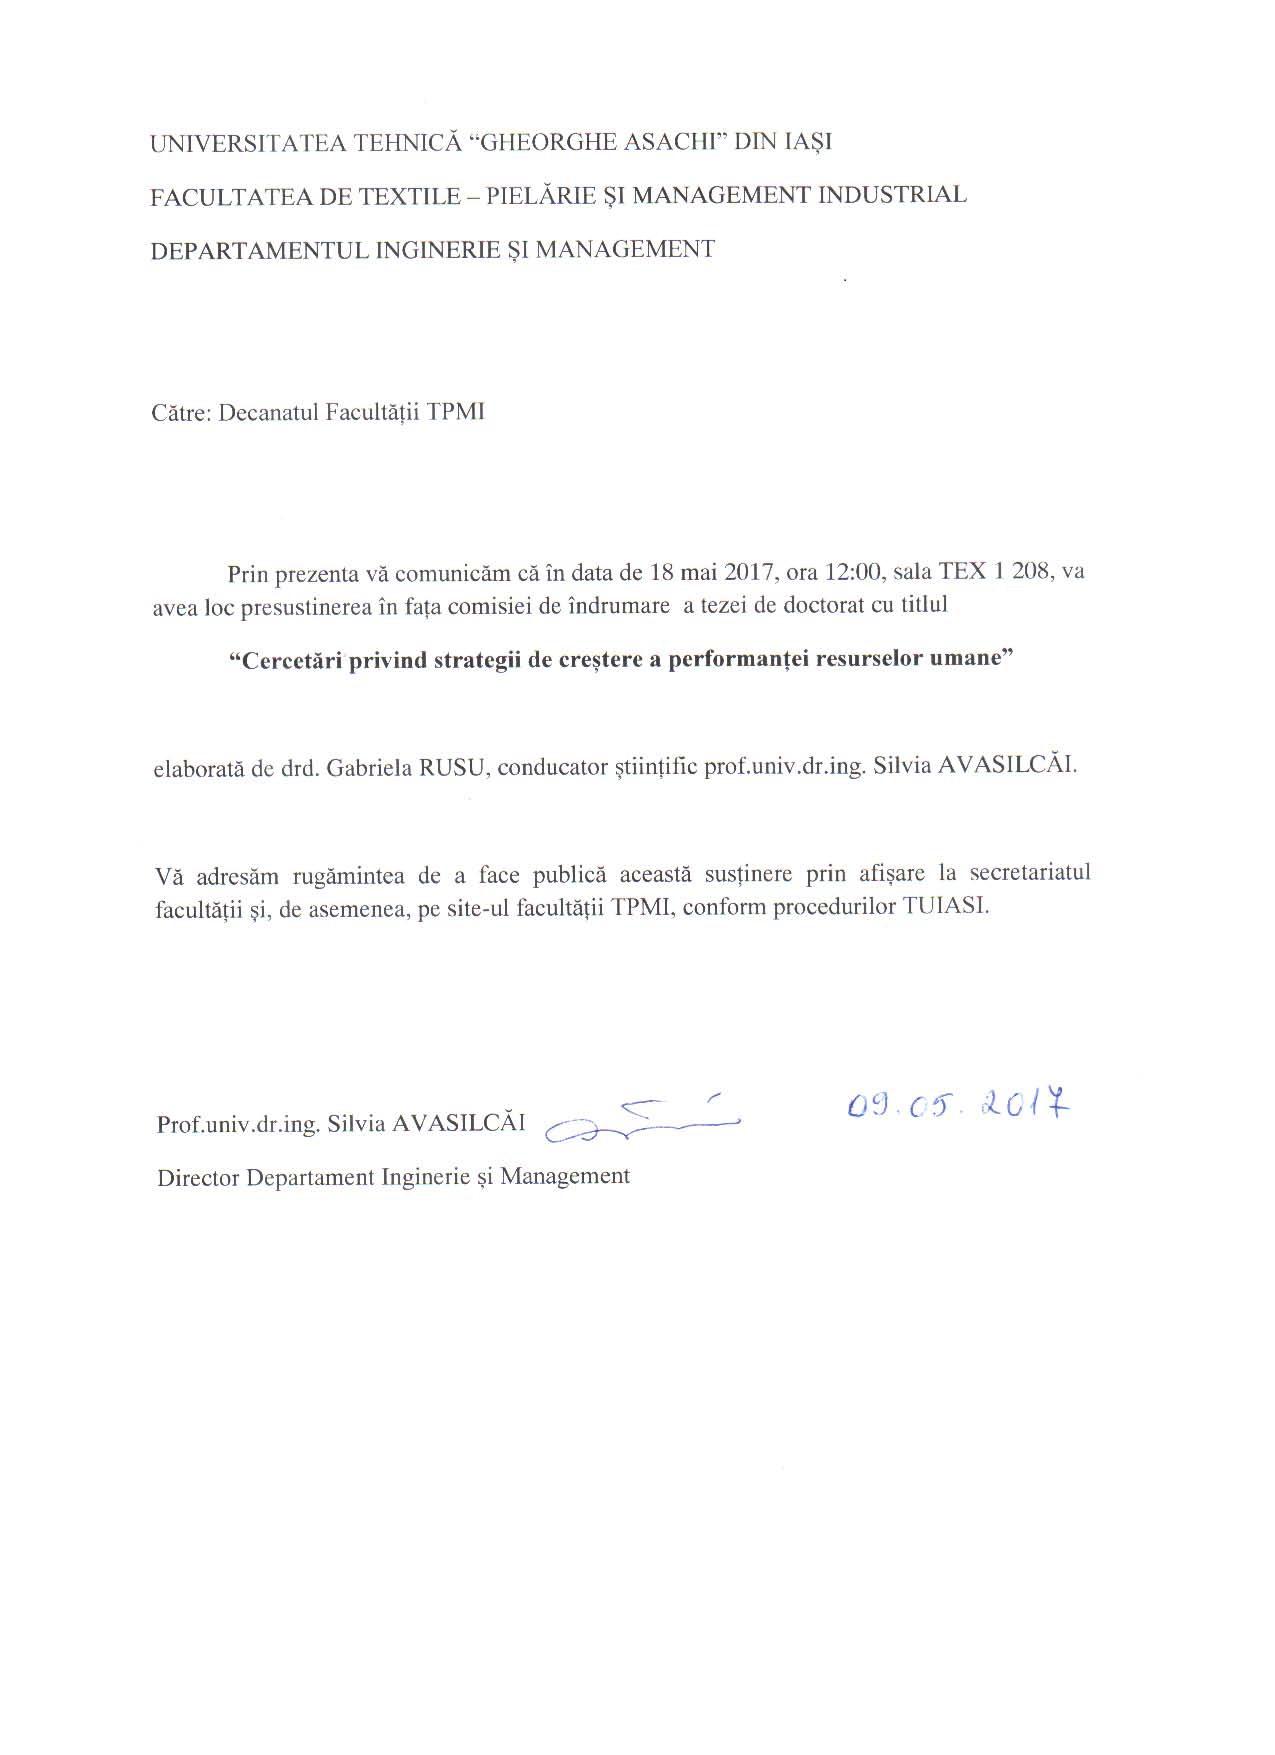 PRESUSTINERE TEZA_RUSU GABRIELA  Anunț presusținere Teză de Doctorat în fața comisiei de îndrumare PRESUSTINERE TEZA RUSU GABRIELA